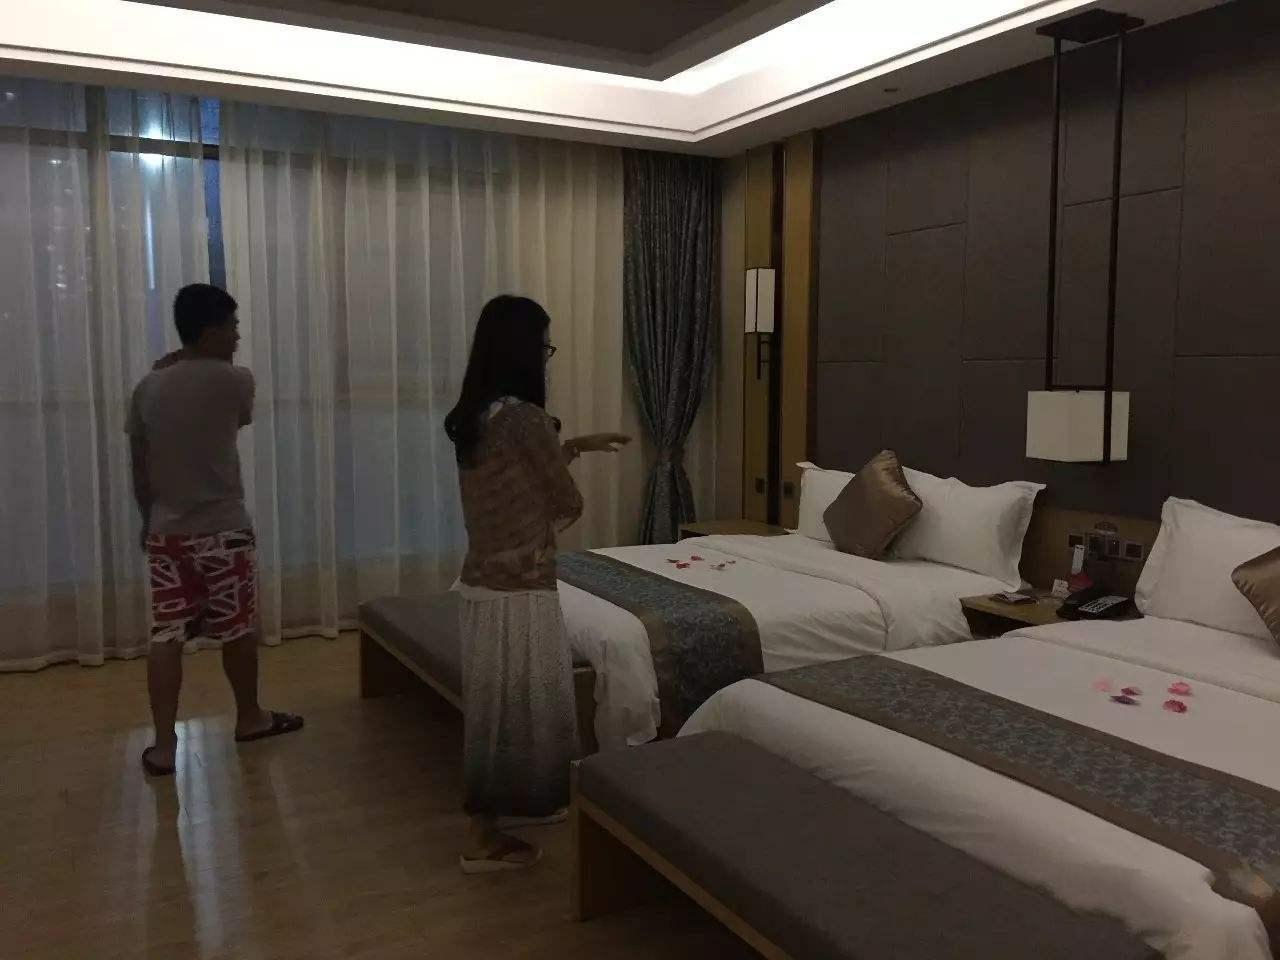 为何酒店床上用品都是白色的?难道只为美观?酒店经理说出门道